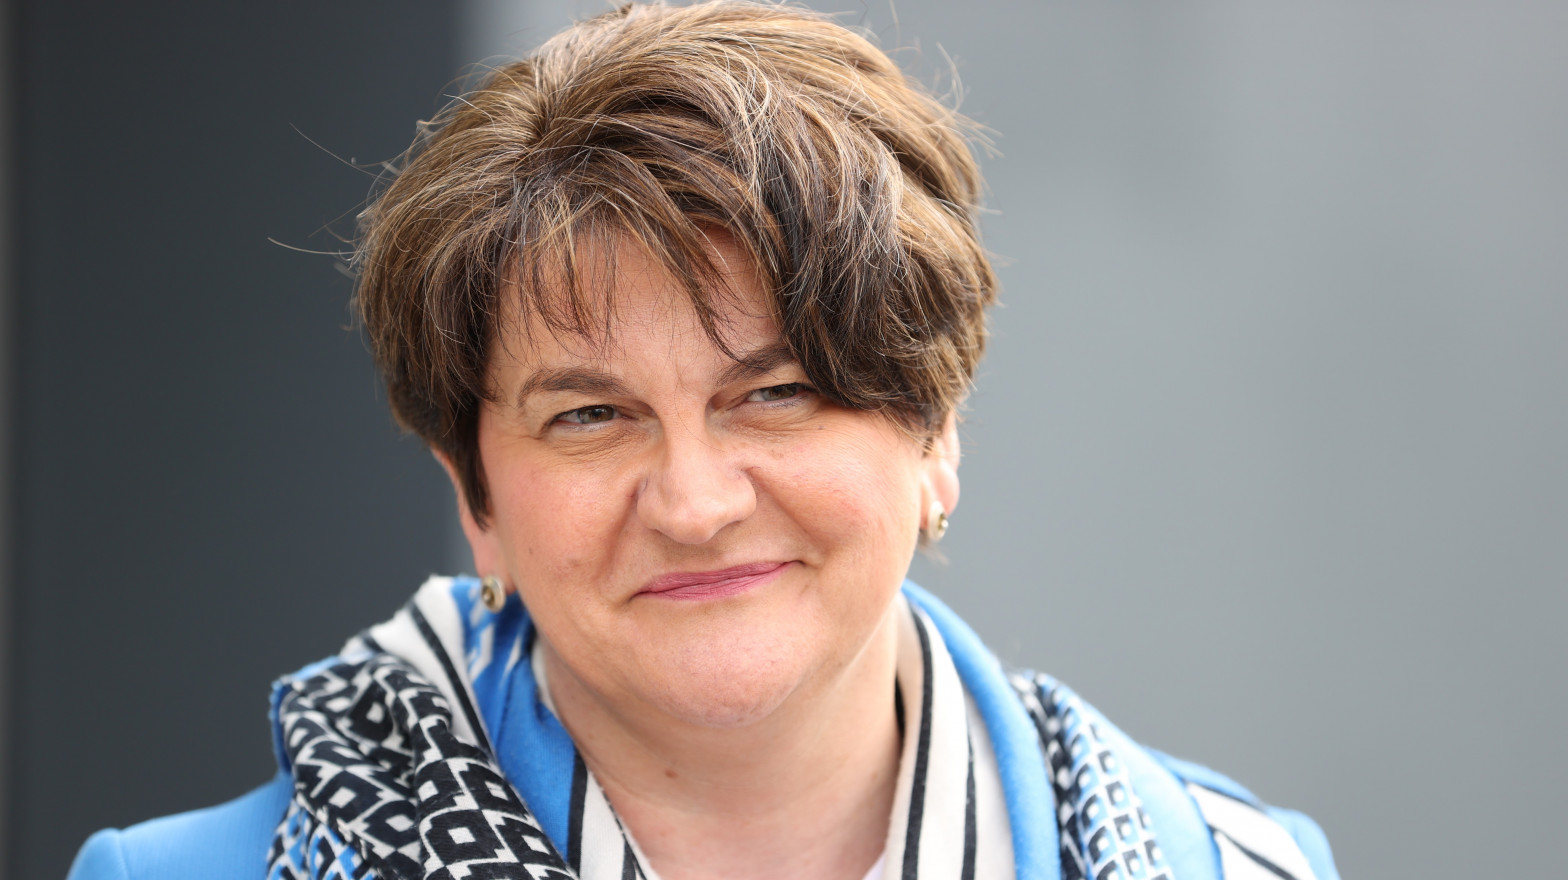 Dimite la ministra principal de Irlanda del Norte tras semanas de altercados y tensiones políticas